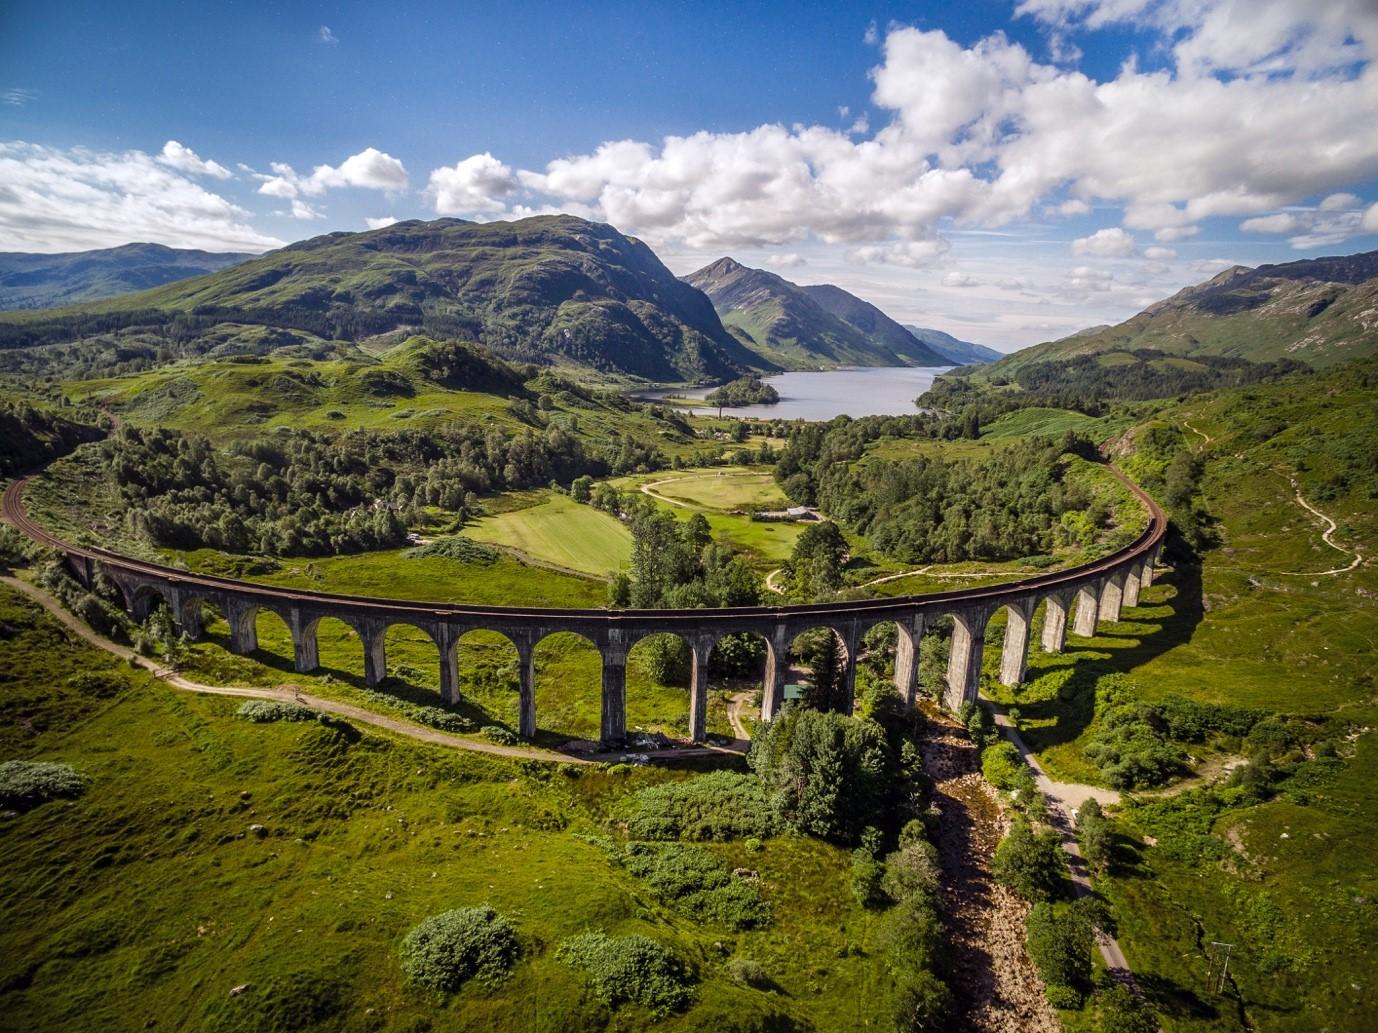 Wanderung entlang des Glenfinnan-Viadukts